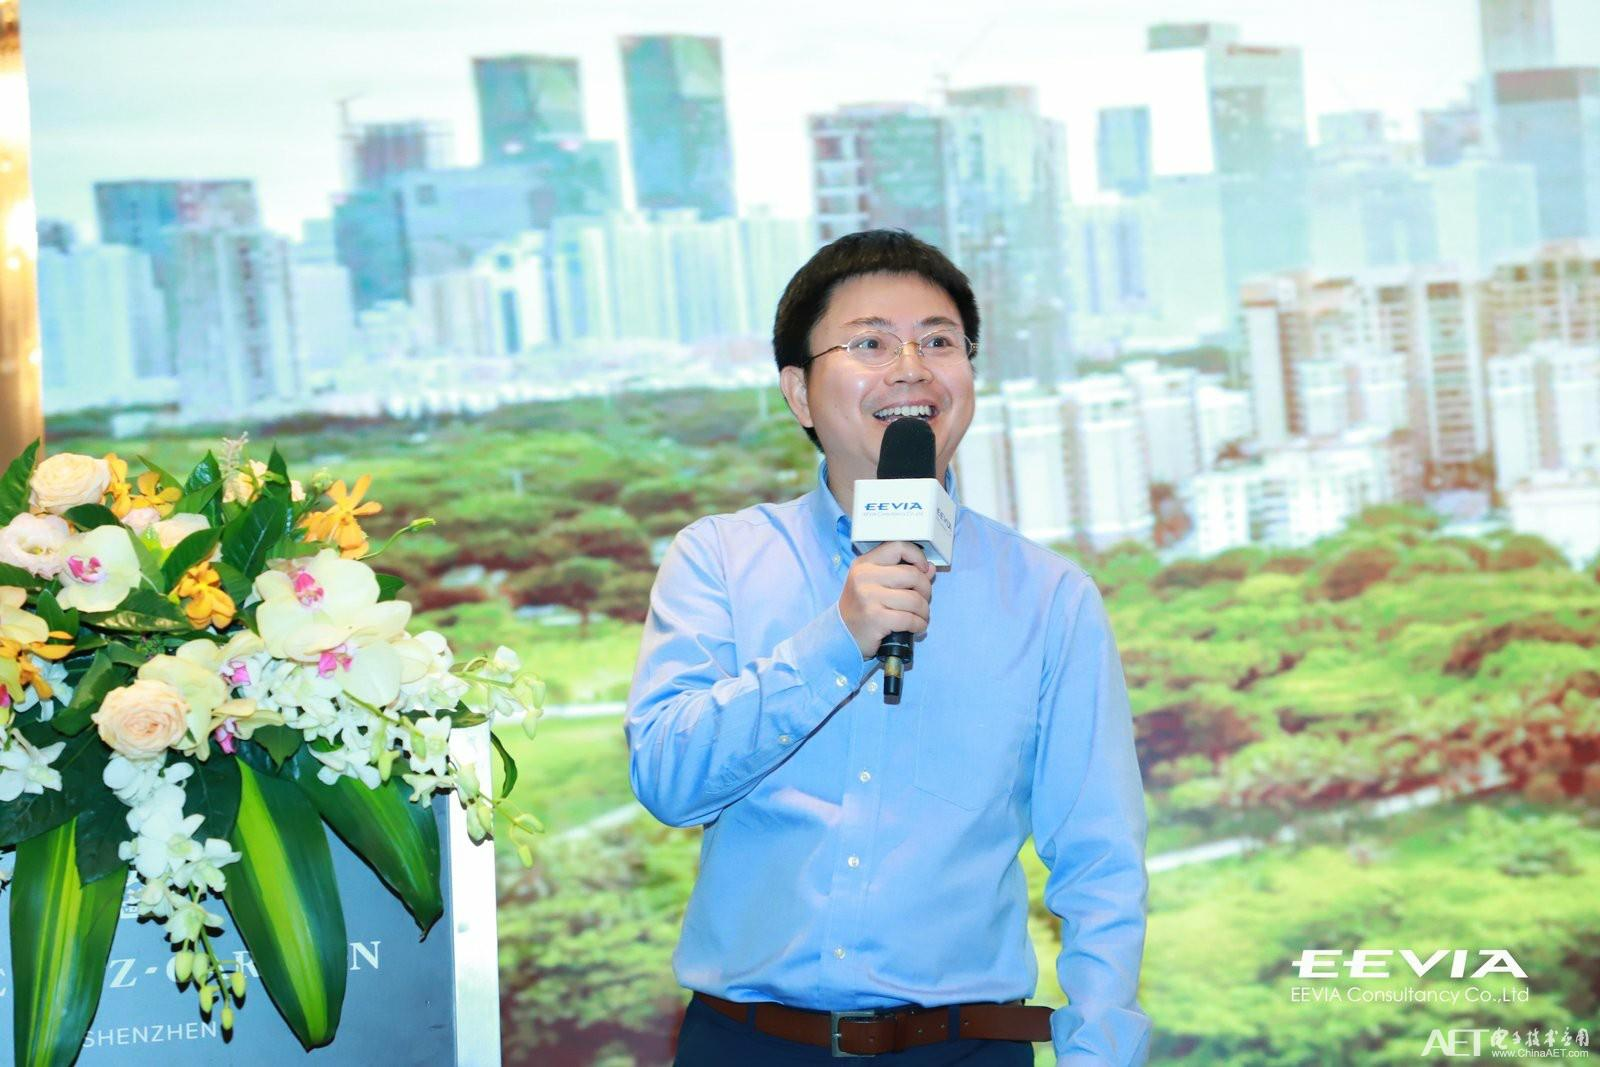 安谋科技高级FAE经理-邹伟 演讲图片备选2.jpg